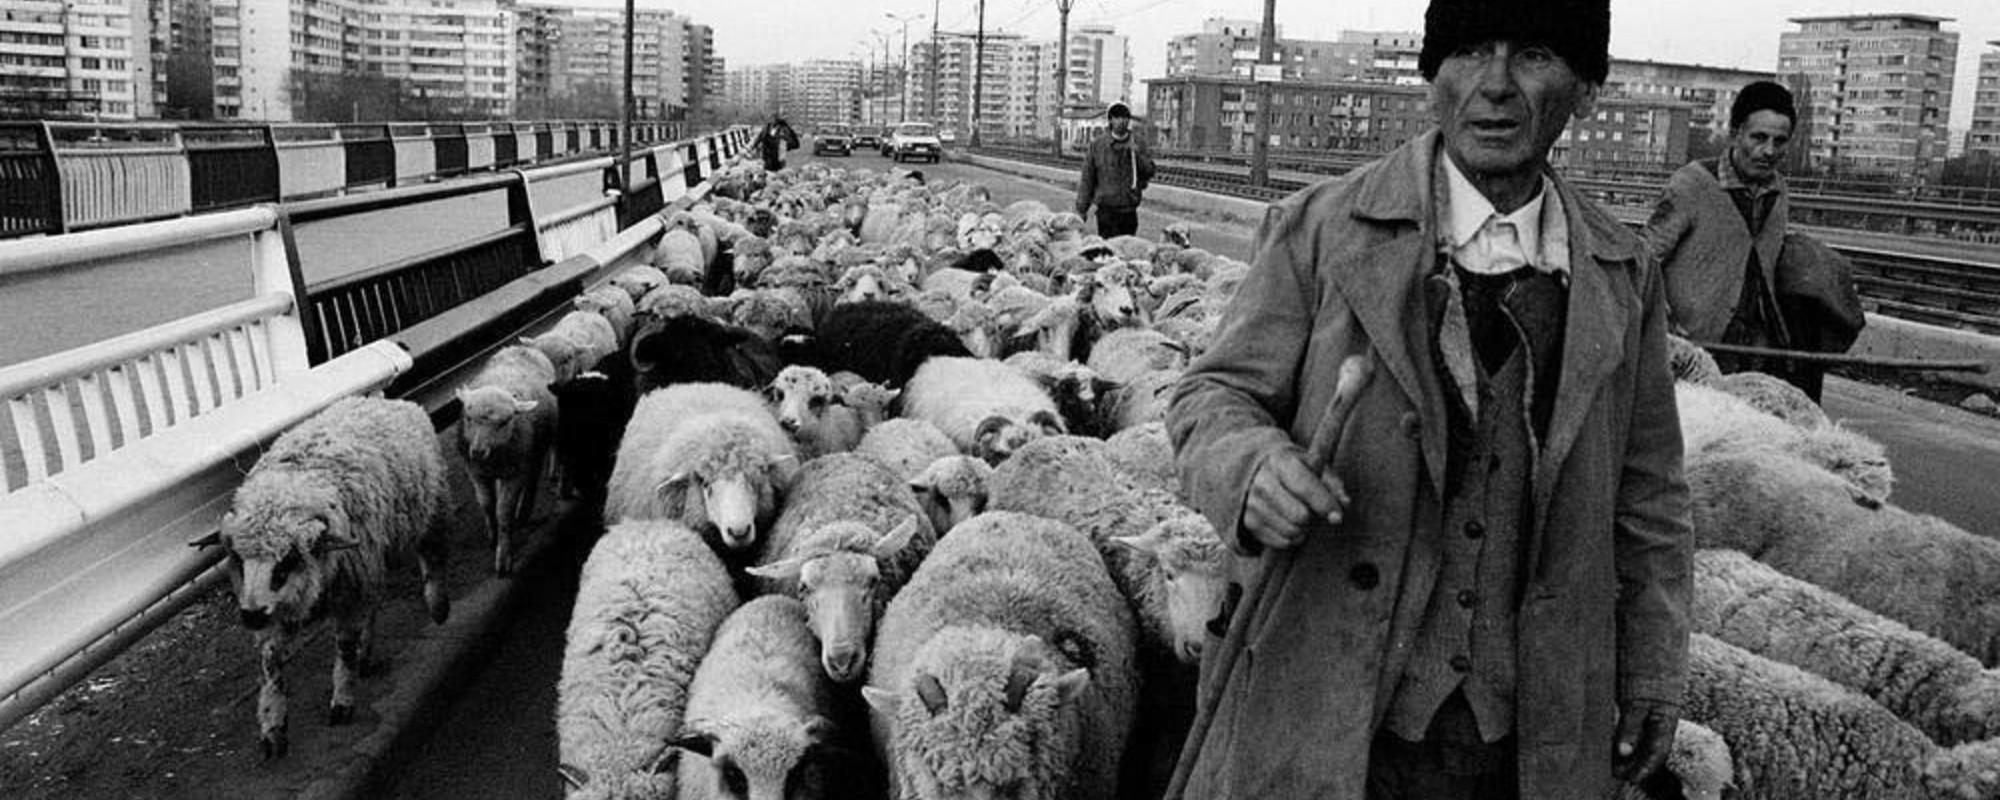 Billeder fra 90'ernes Bukarest, hvor får strejfede rundt på motorvejen